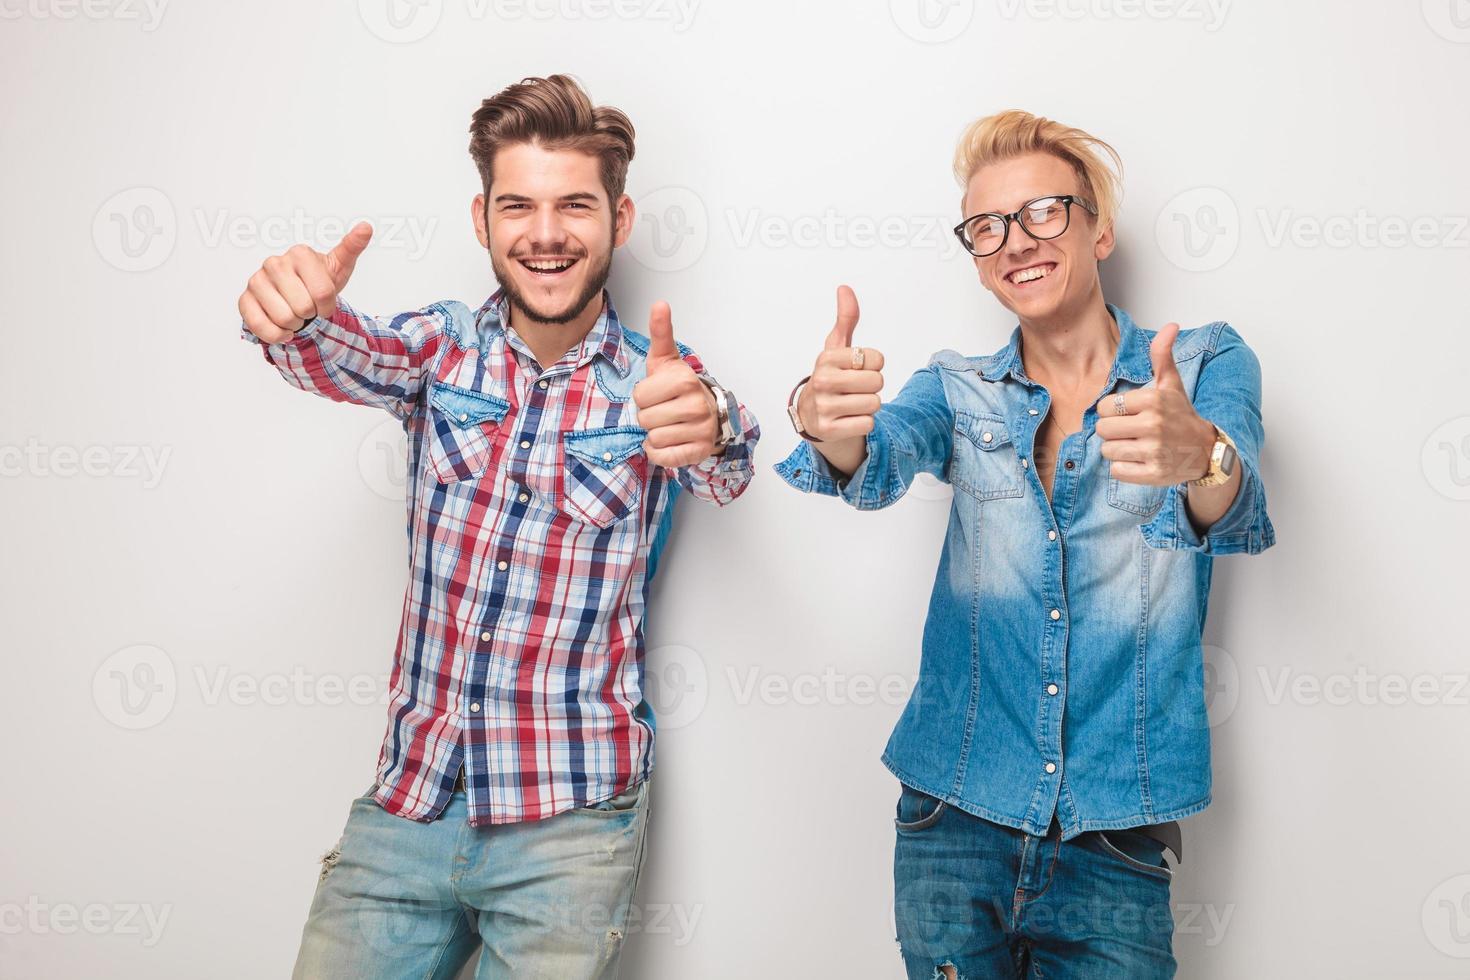 due giovani uomini casuali felici che fanno il segno giusto foto